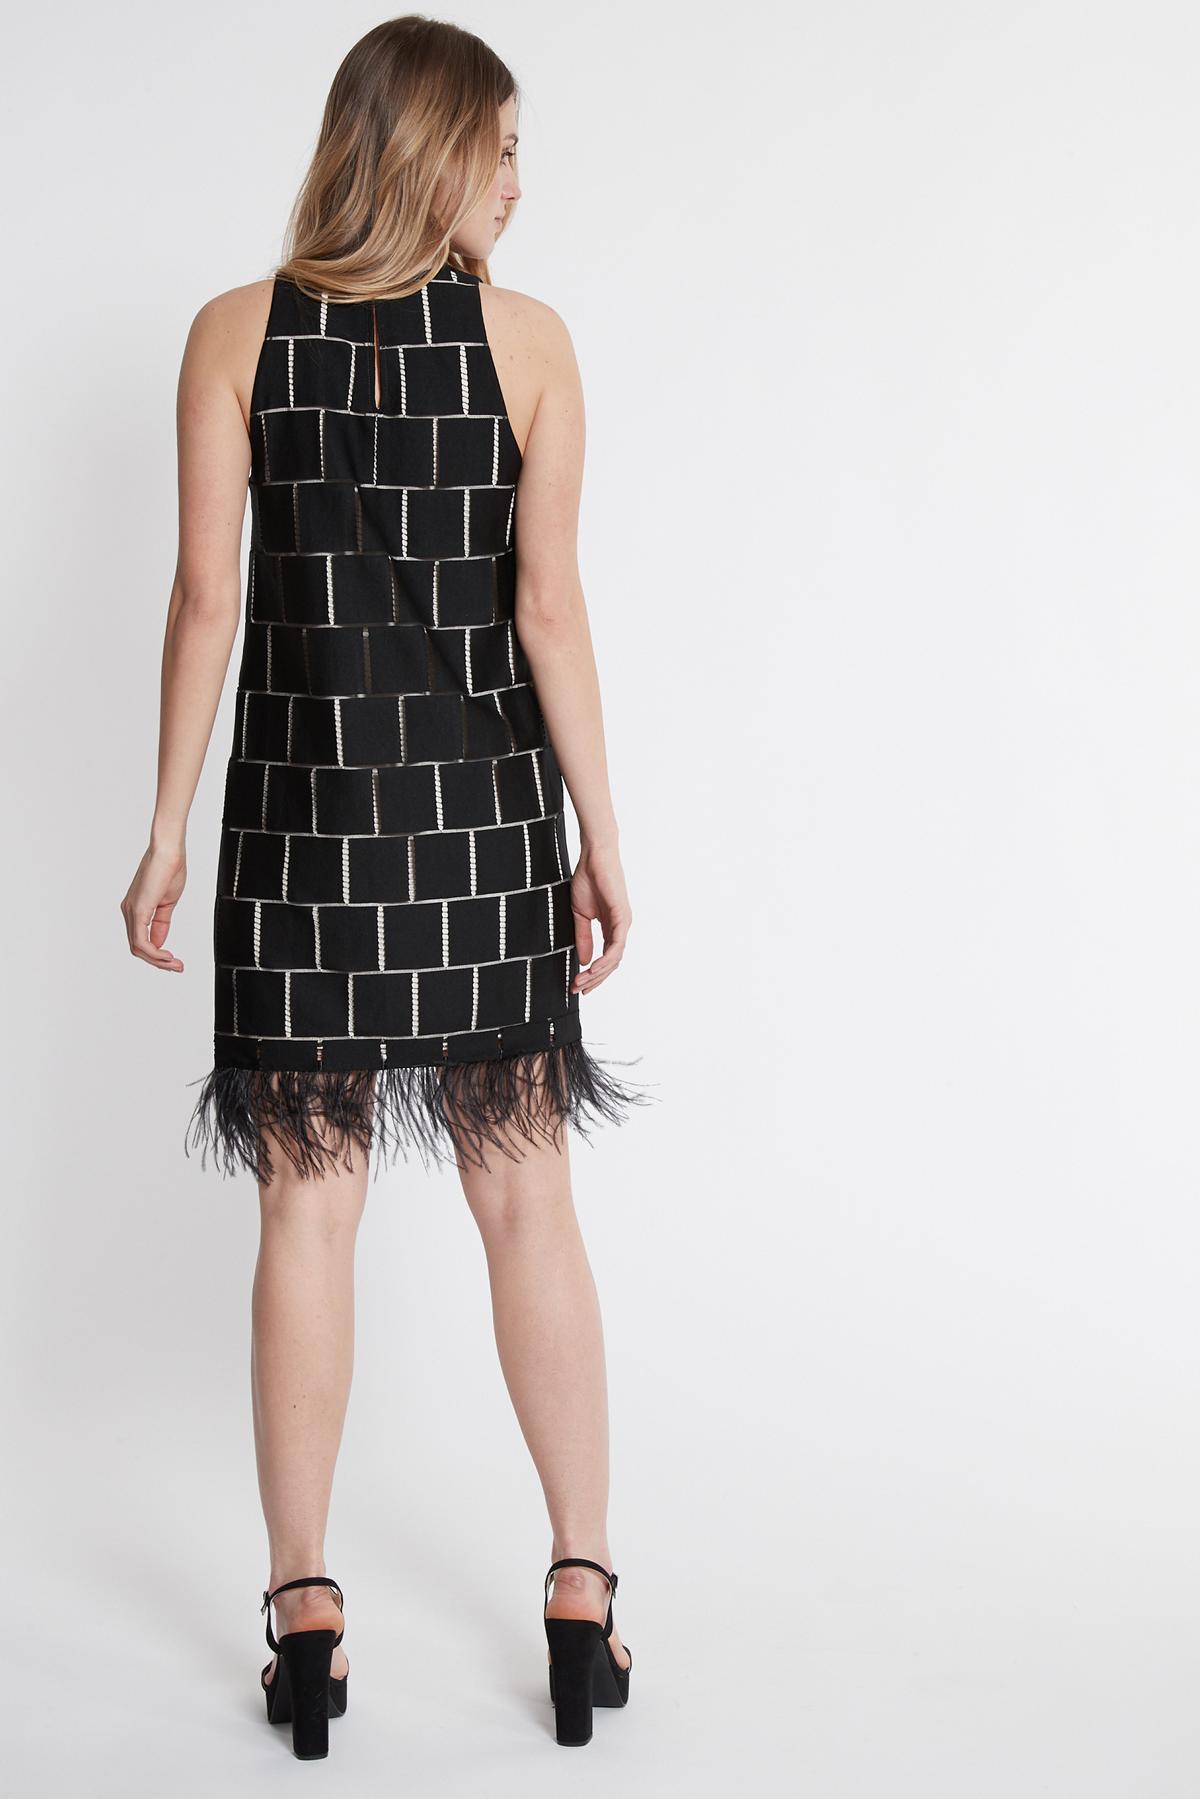 Achteraanzicht van Ana Alcazar Veer Jurk Samany Wit  gedragen per model